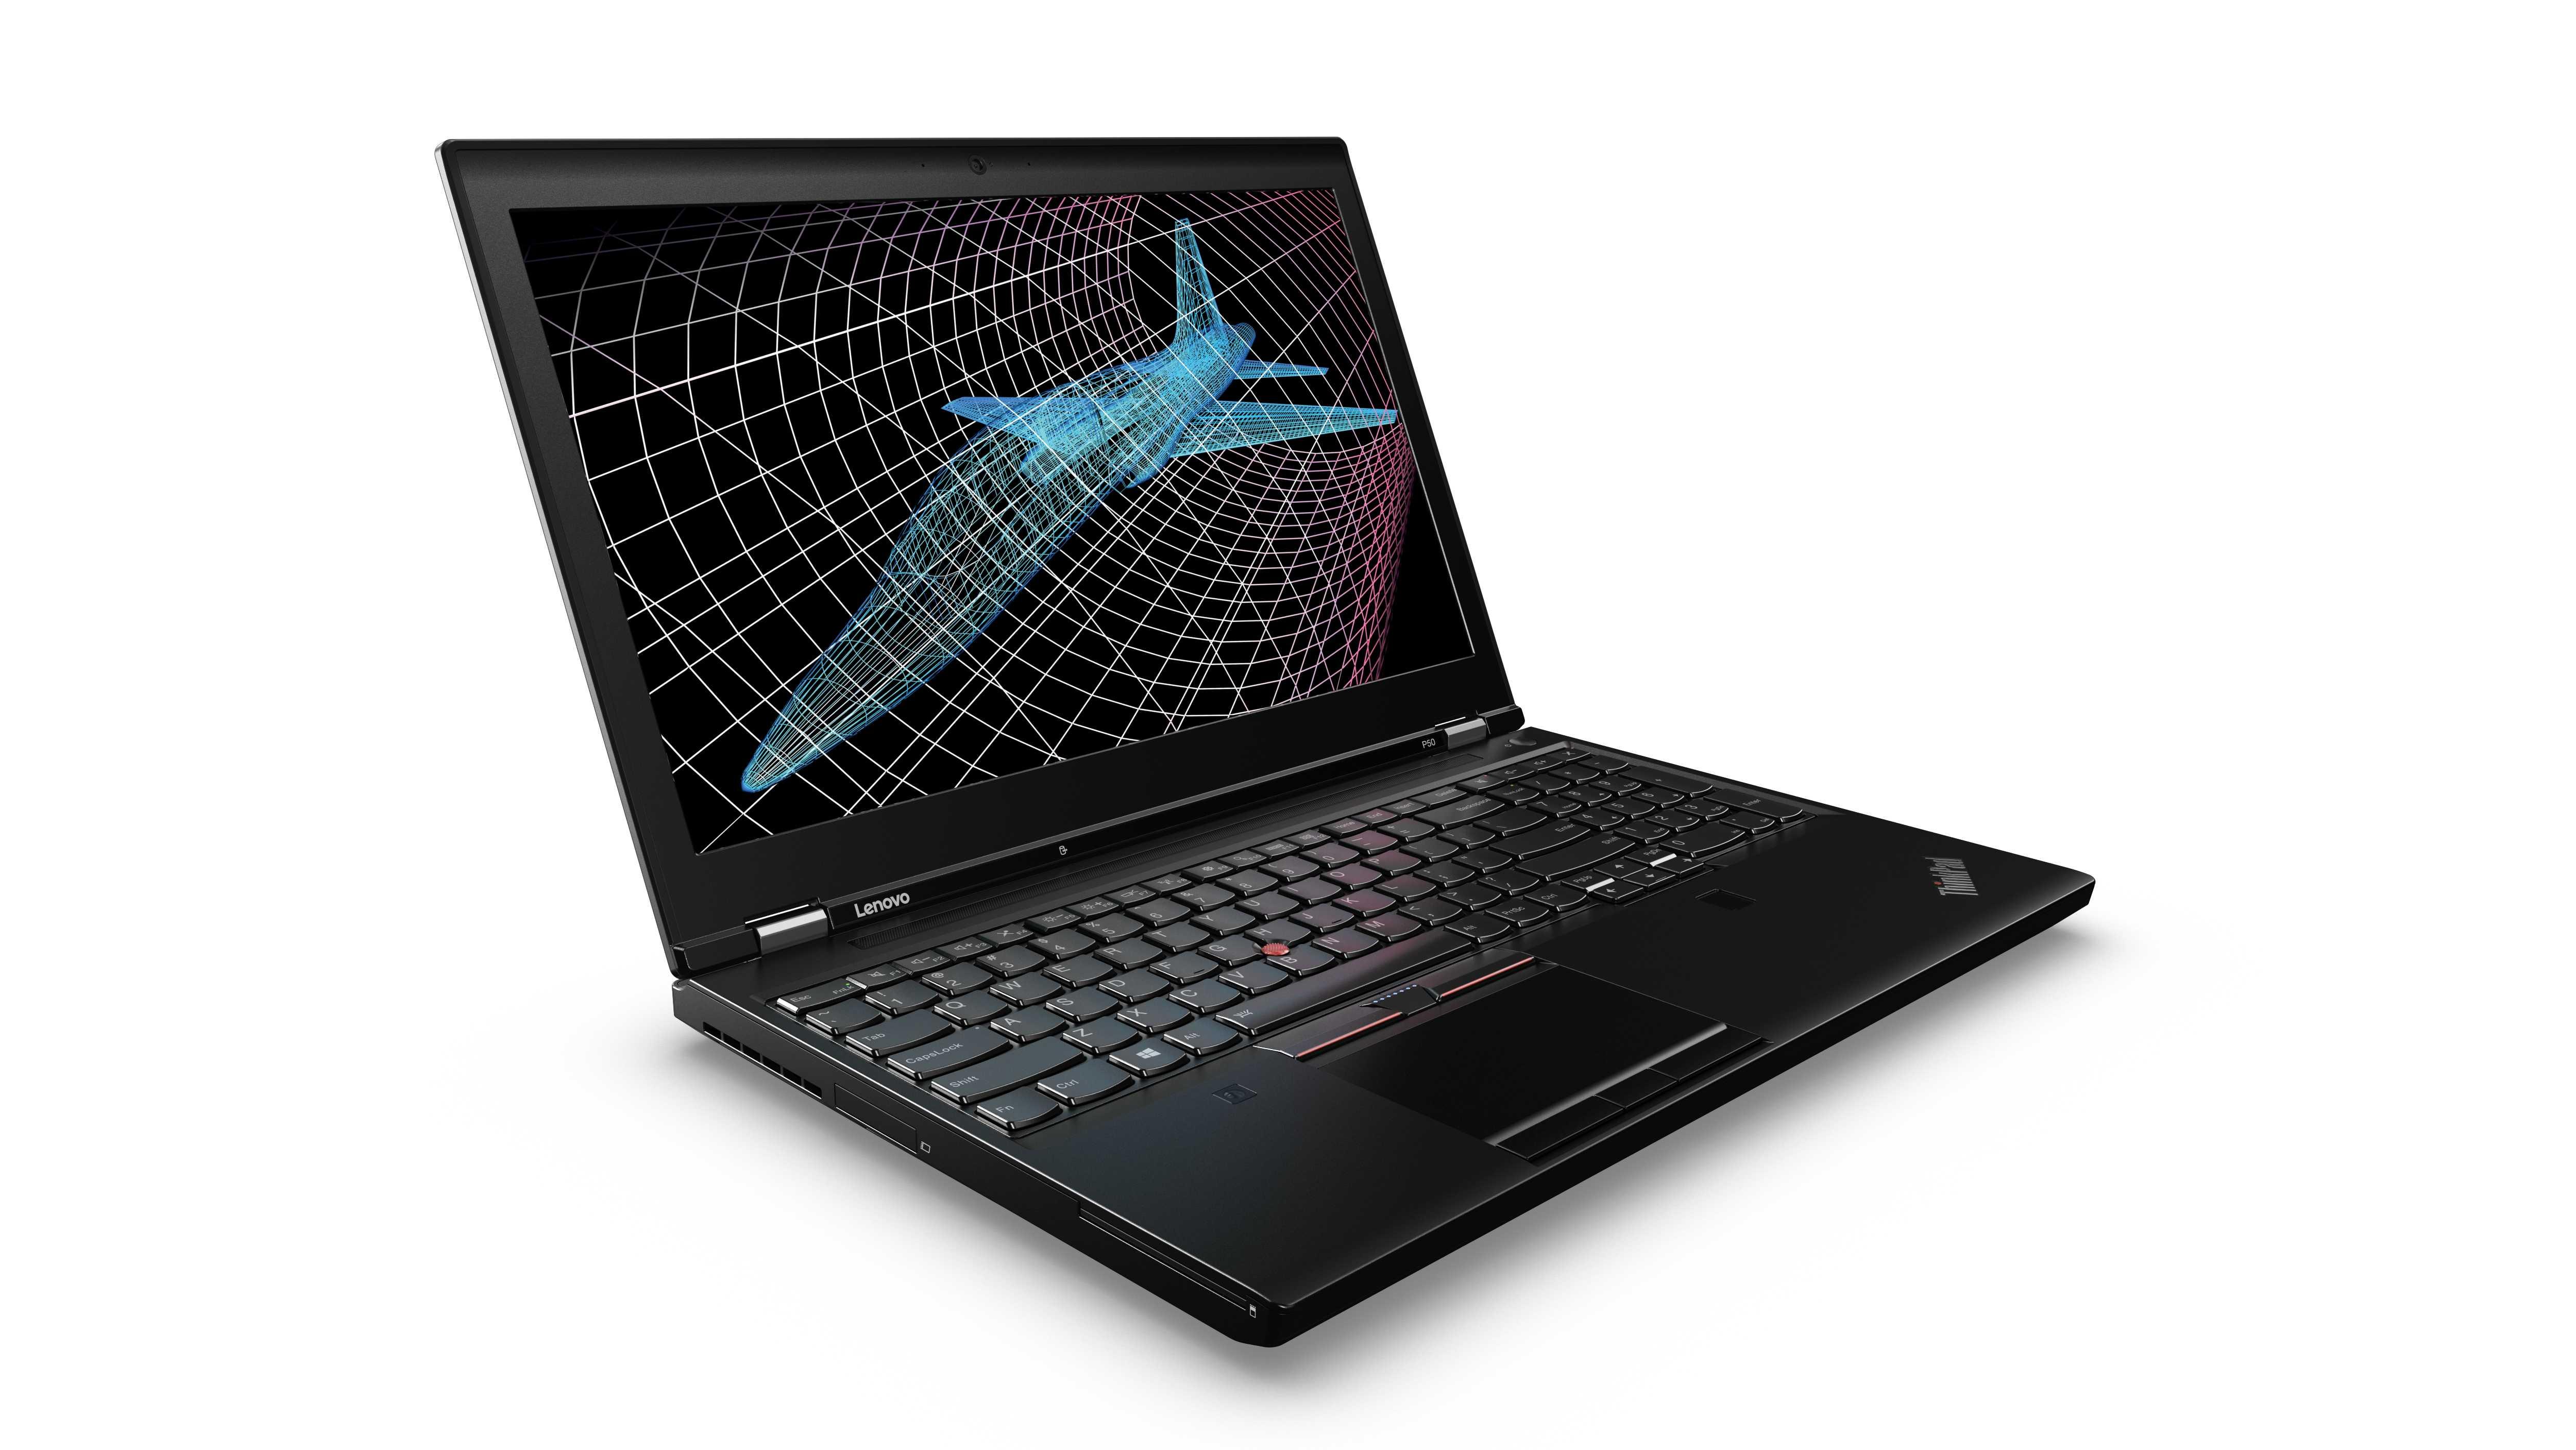 The very similar ThinkPad P50.